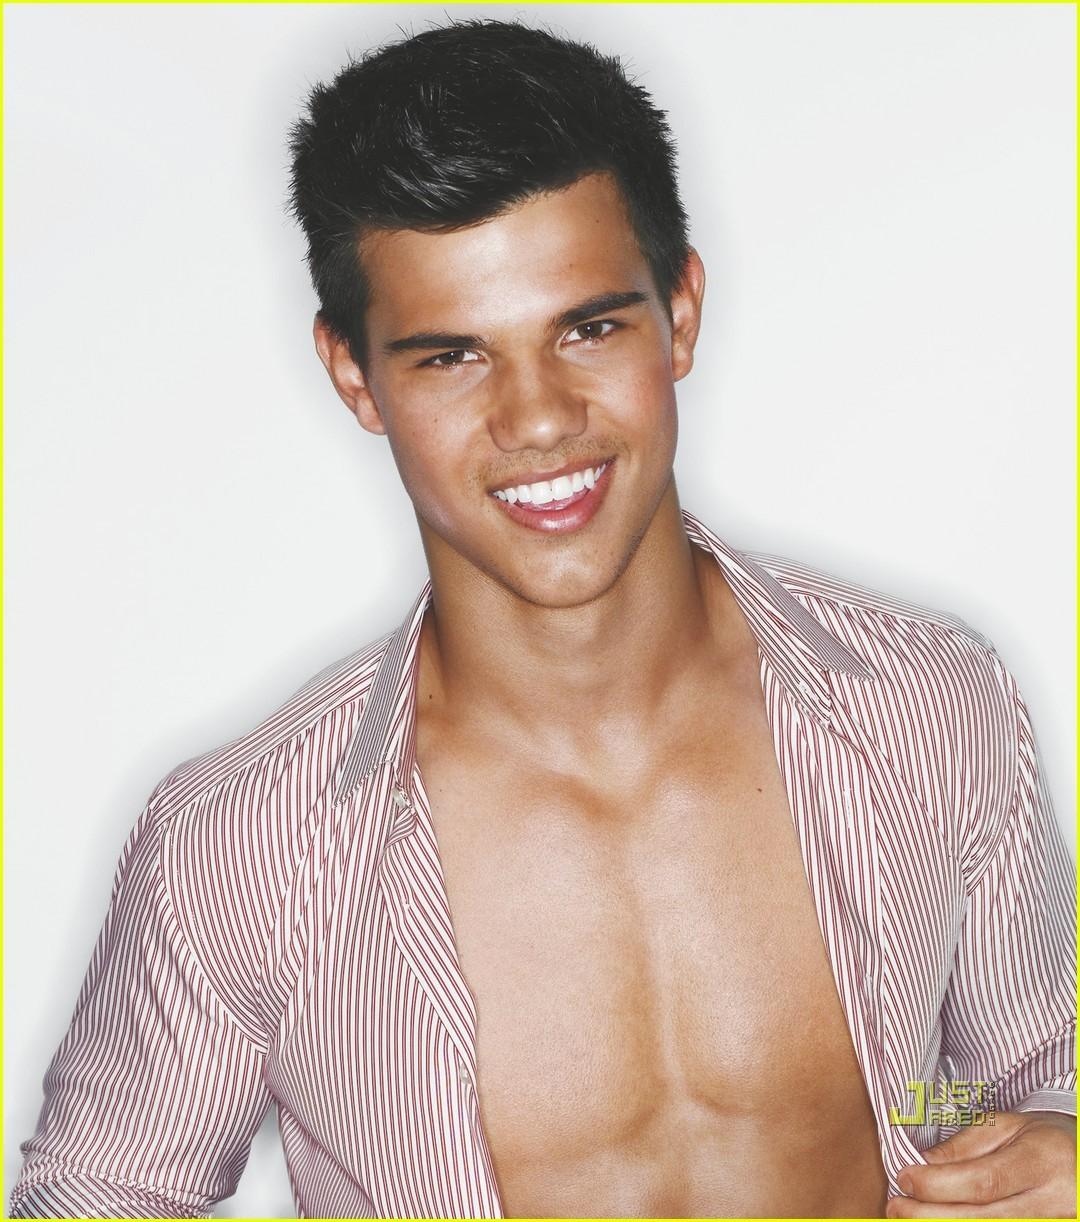 Taylor Lautner hoy cumple 21 años ~ cotibluemos